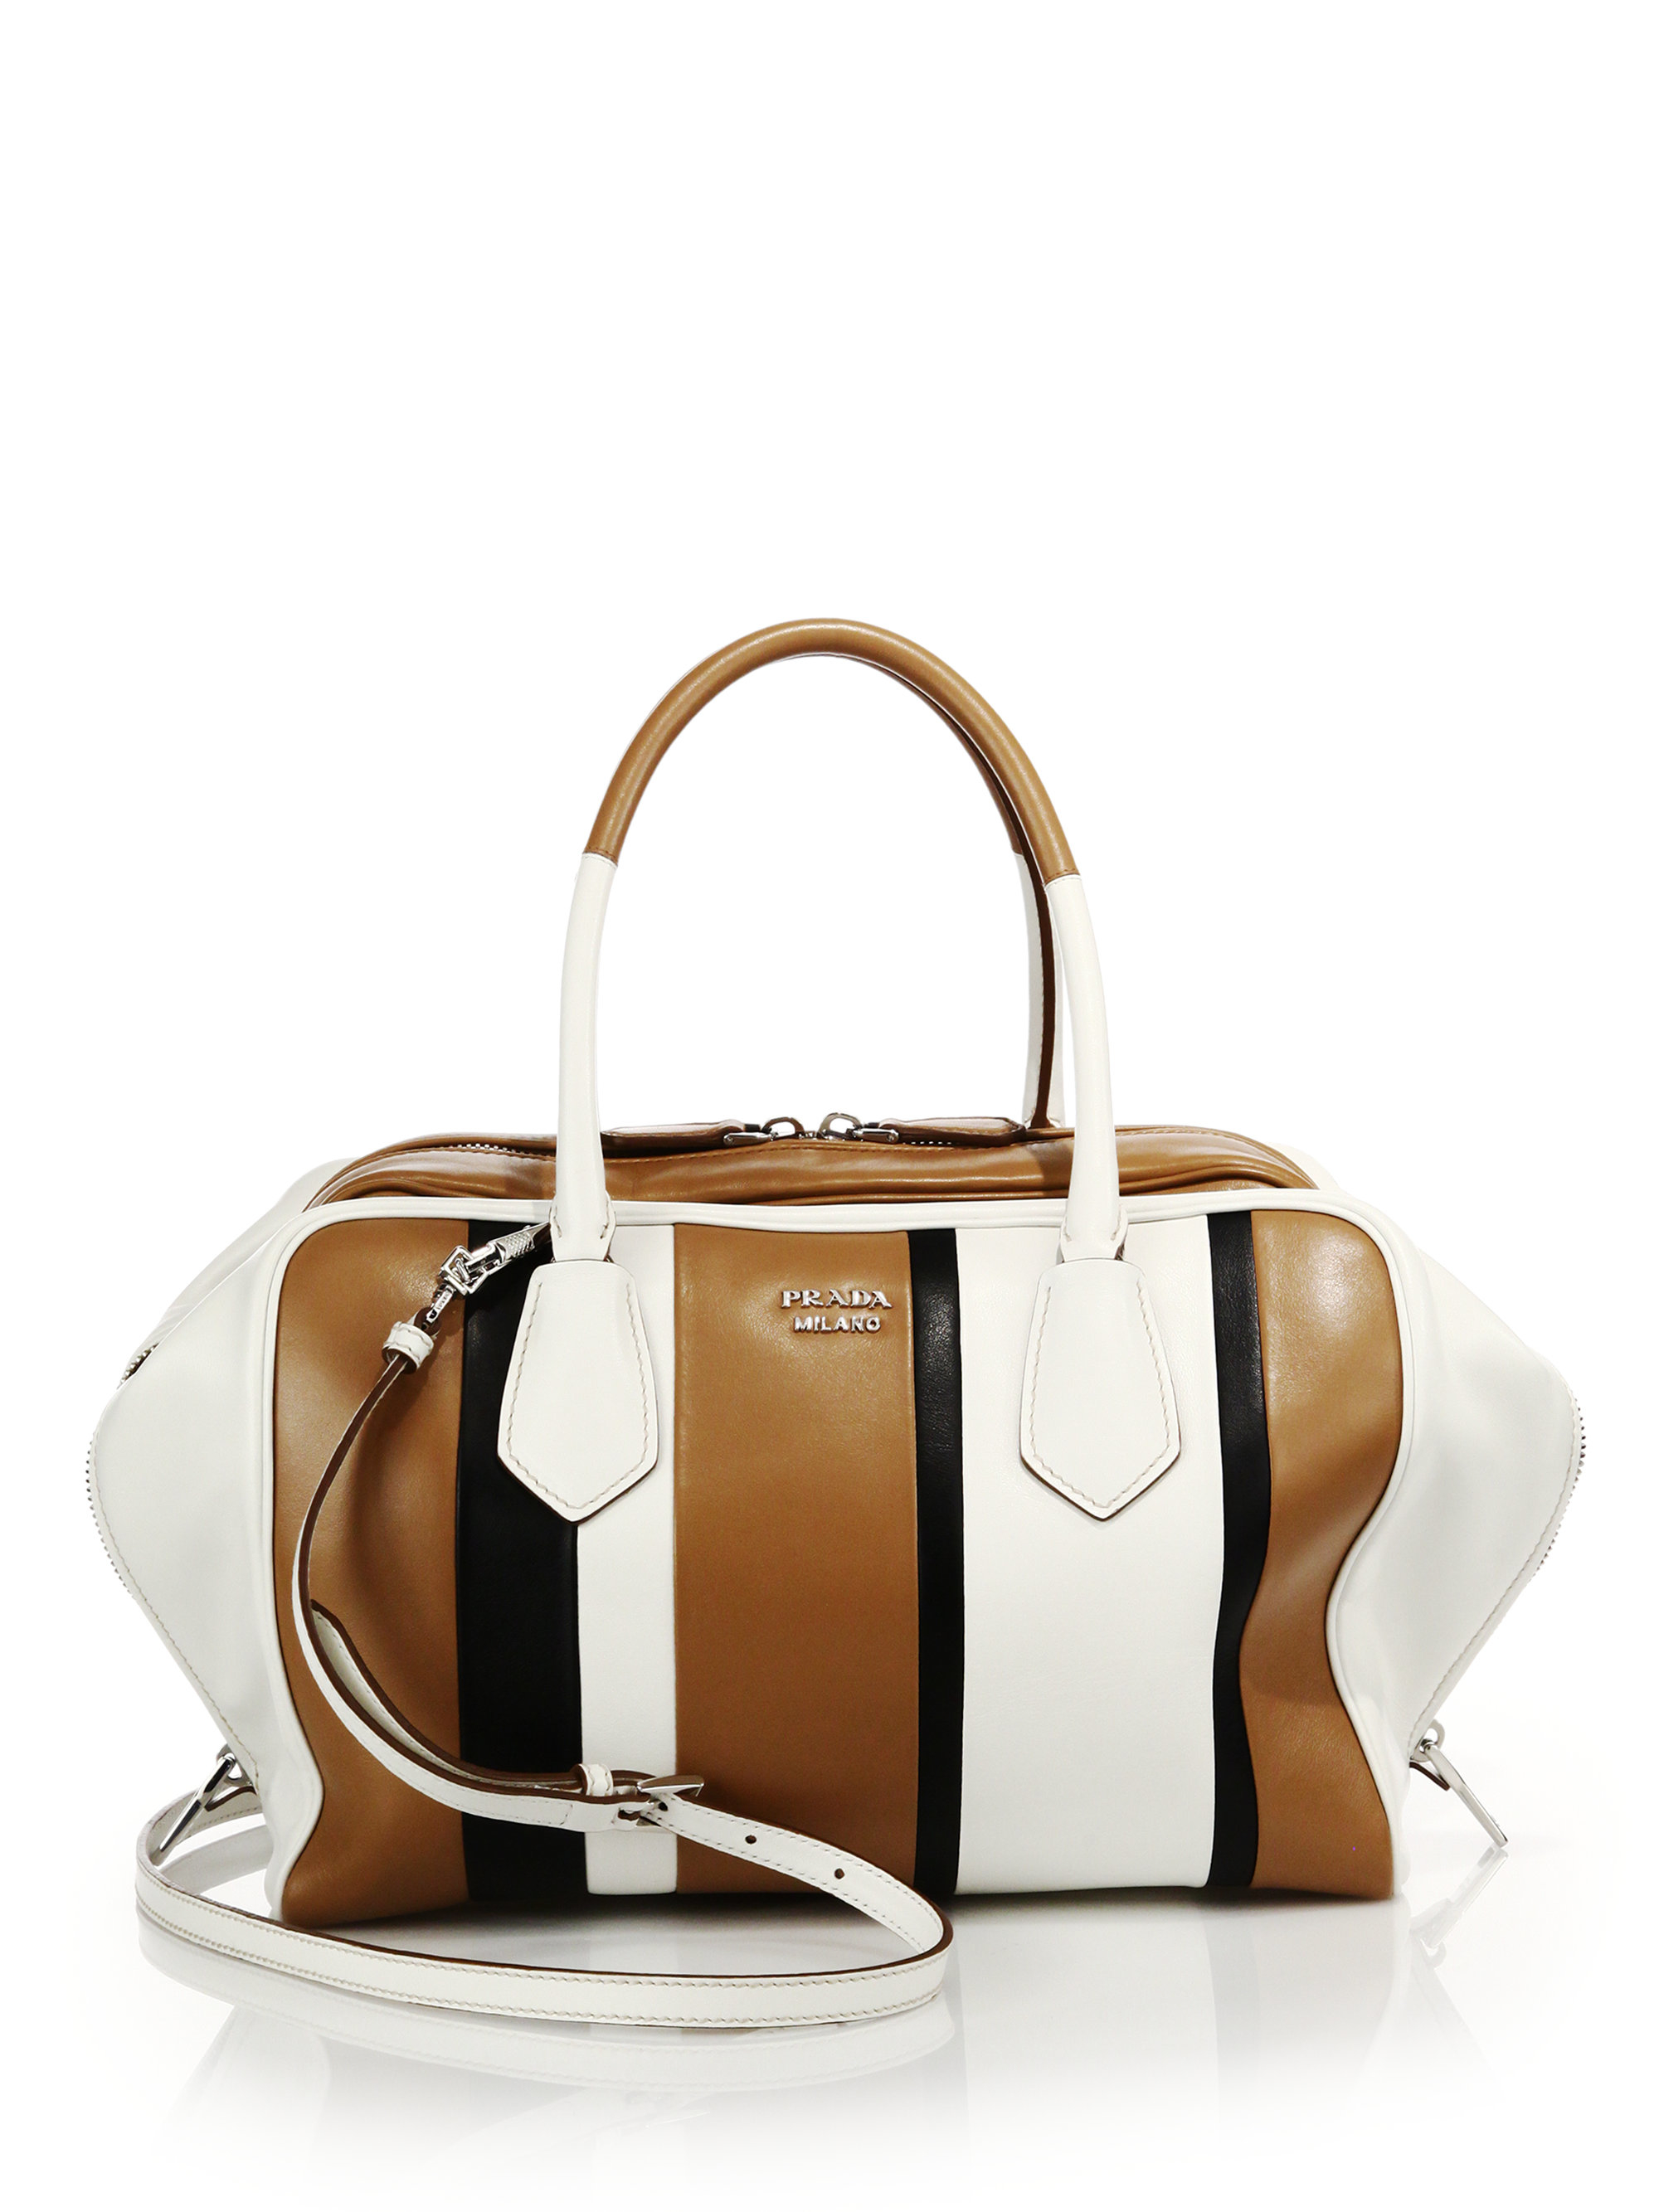 orange prada handbags - prada inside bag white